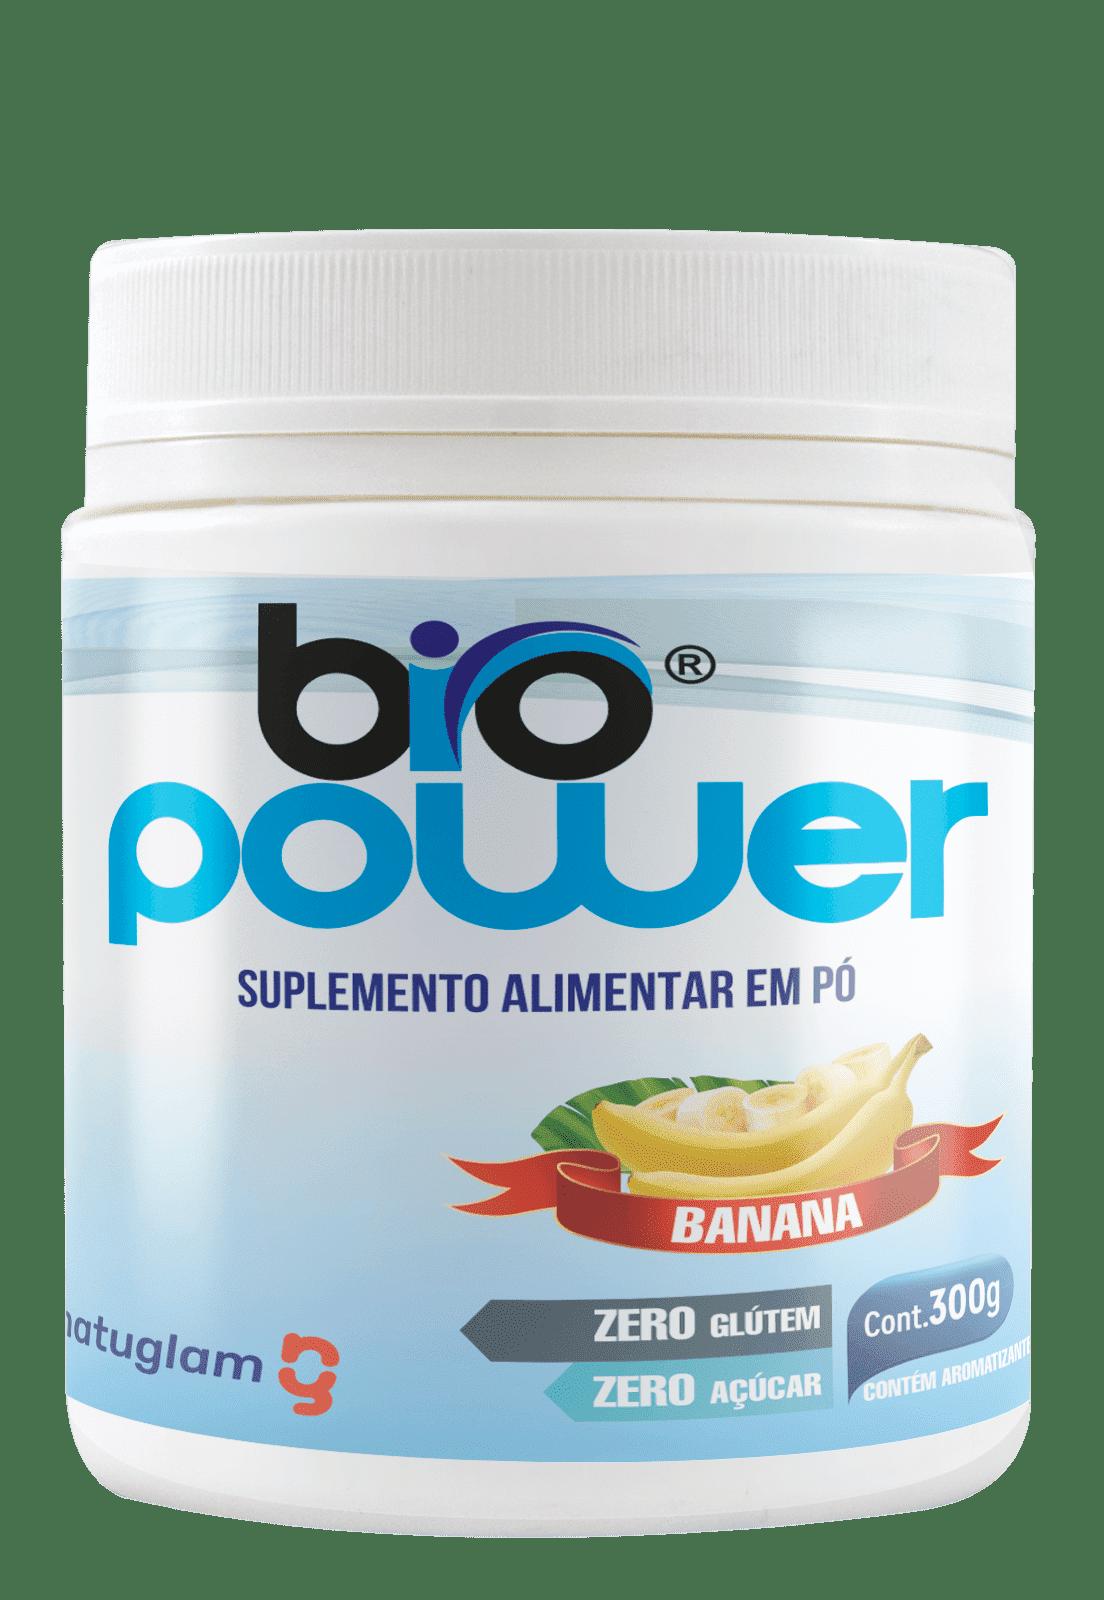 Biopower 300g - Banana.